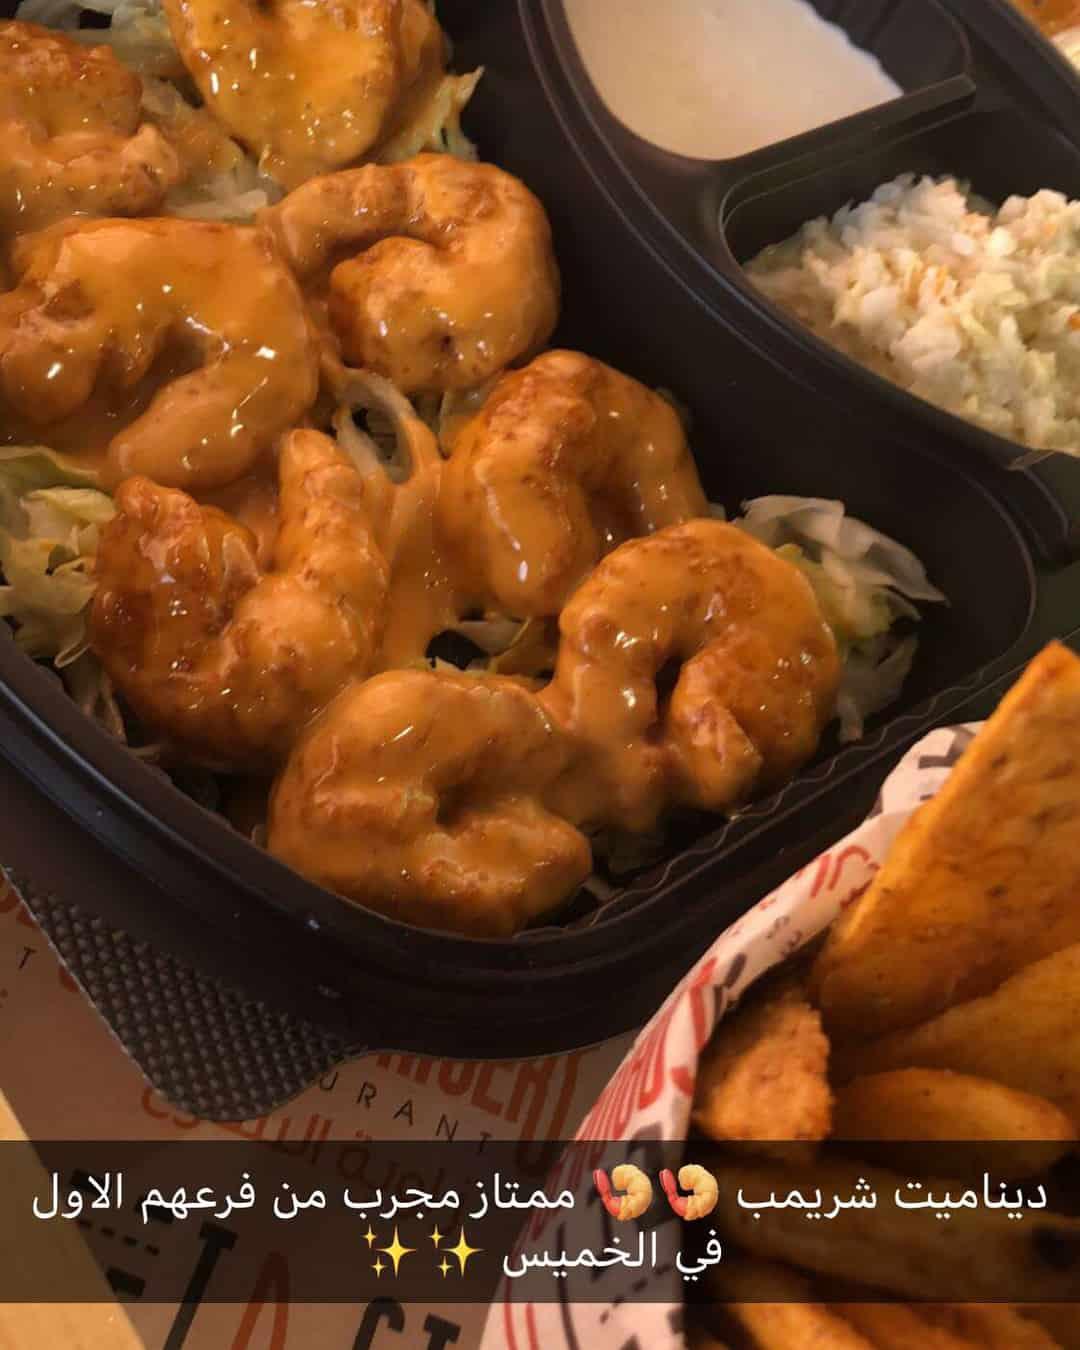 مطعم زاوية الشارع في أبها